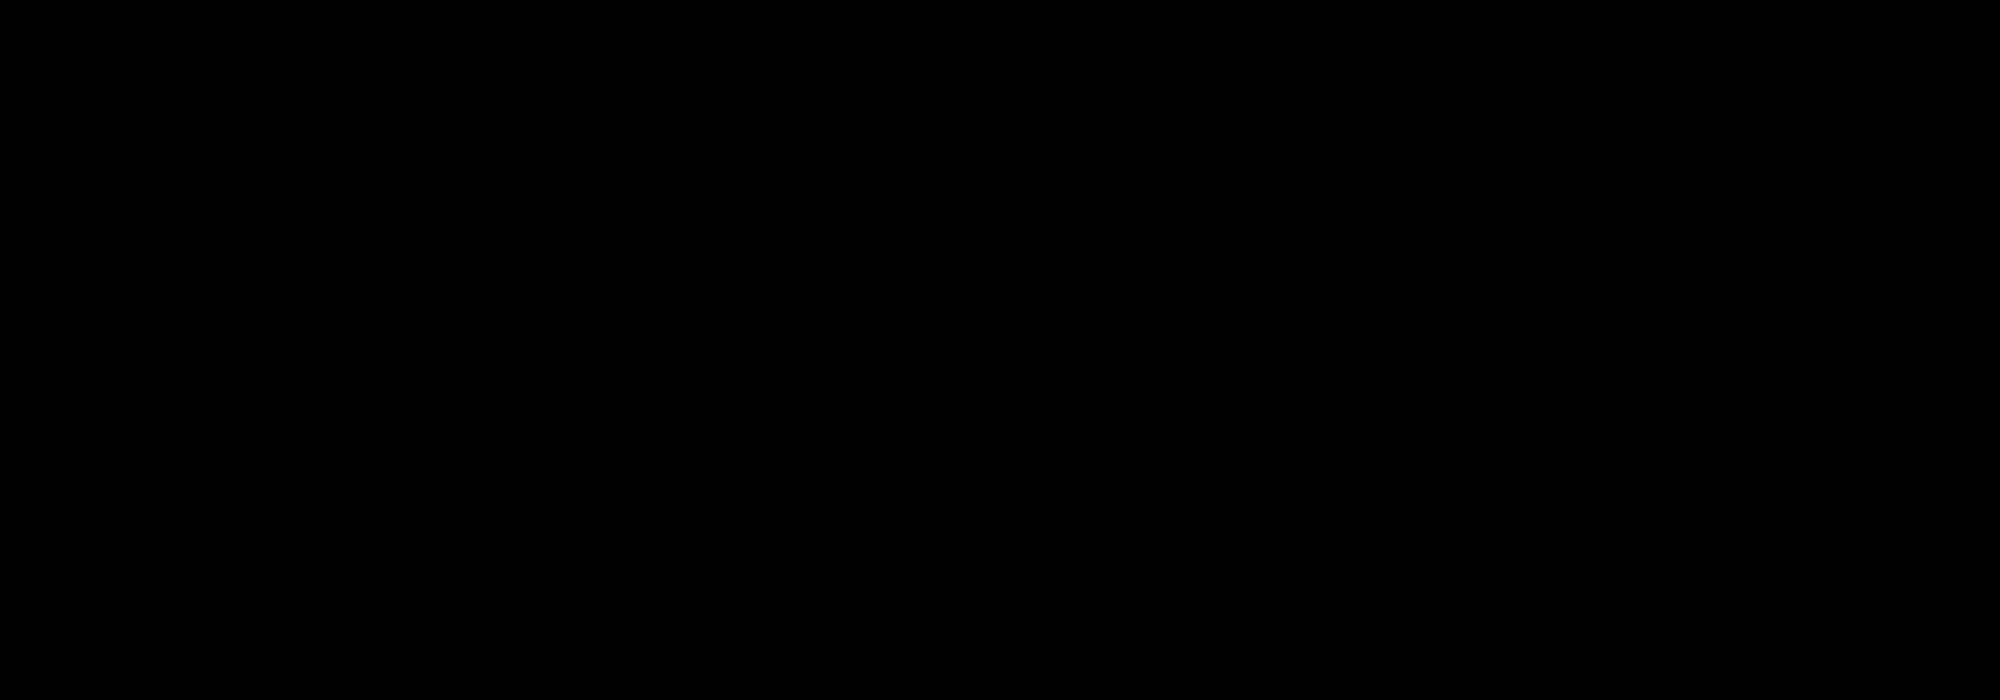 Lucasfilm Ltd Logo Png 2 000 700 Pixels Technical Artist Star Wars Star Wars Film